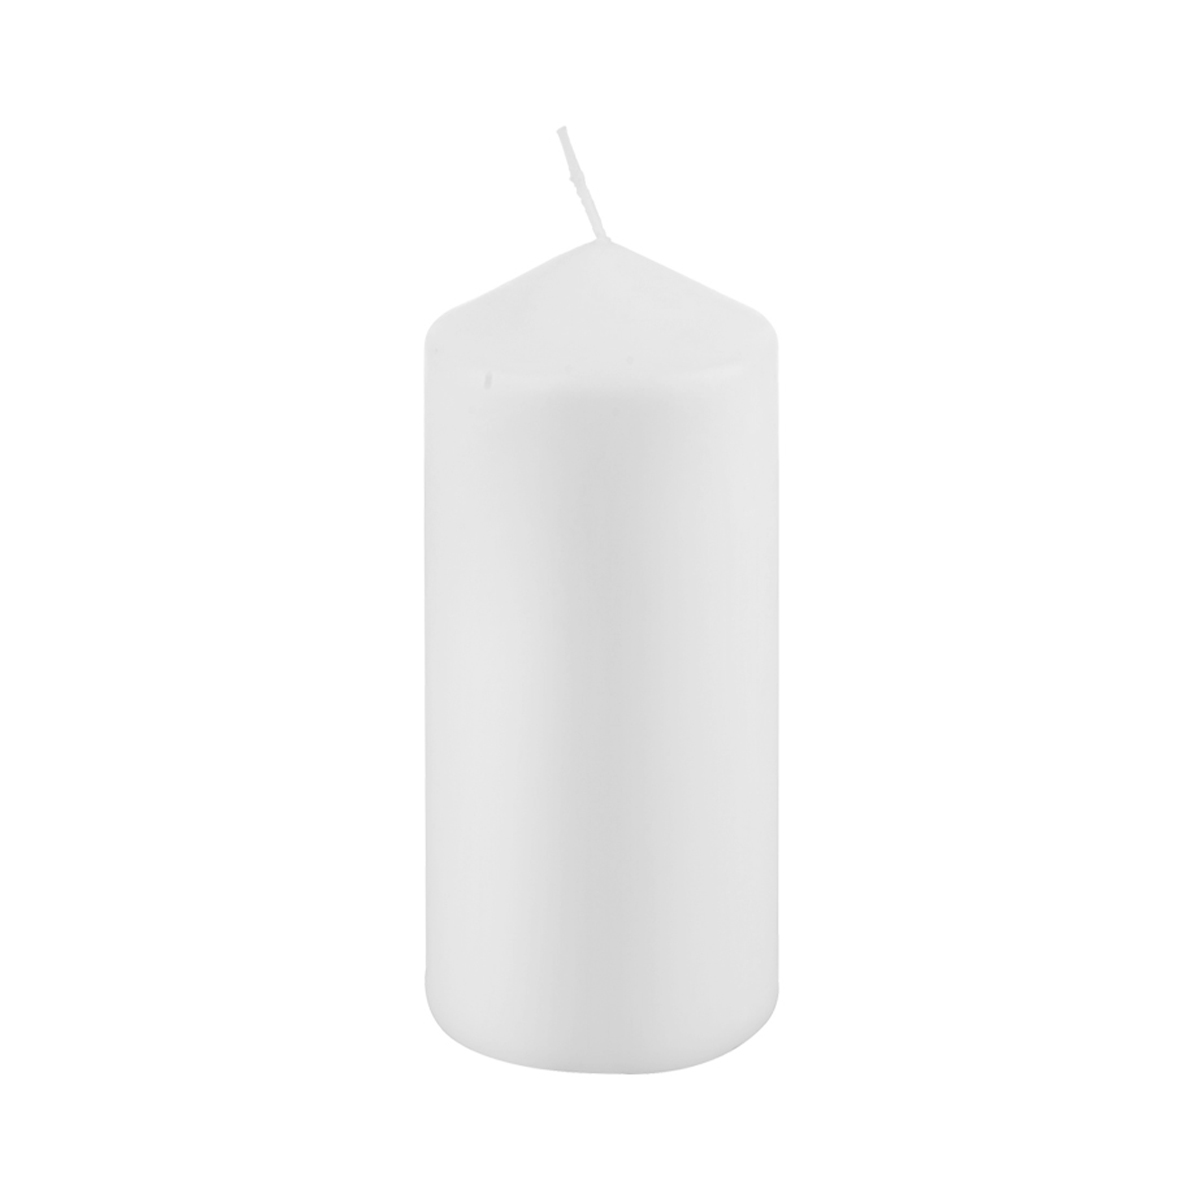 شمعة بدون رائحة  لون ابيض  دائري 7 سم .